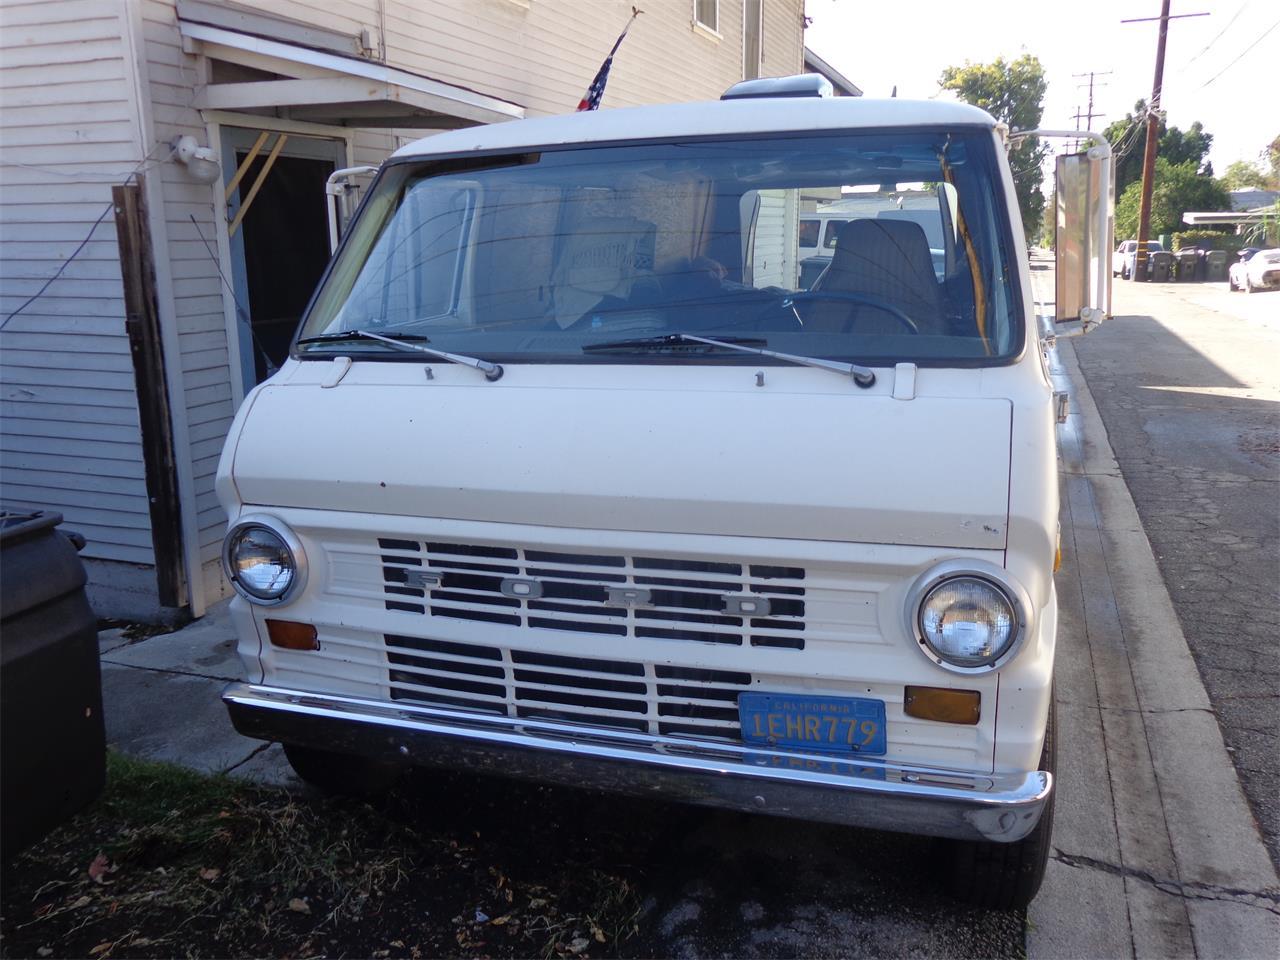 For Sale: 1971 Ford Econoline in Monrovia, California